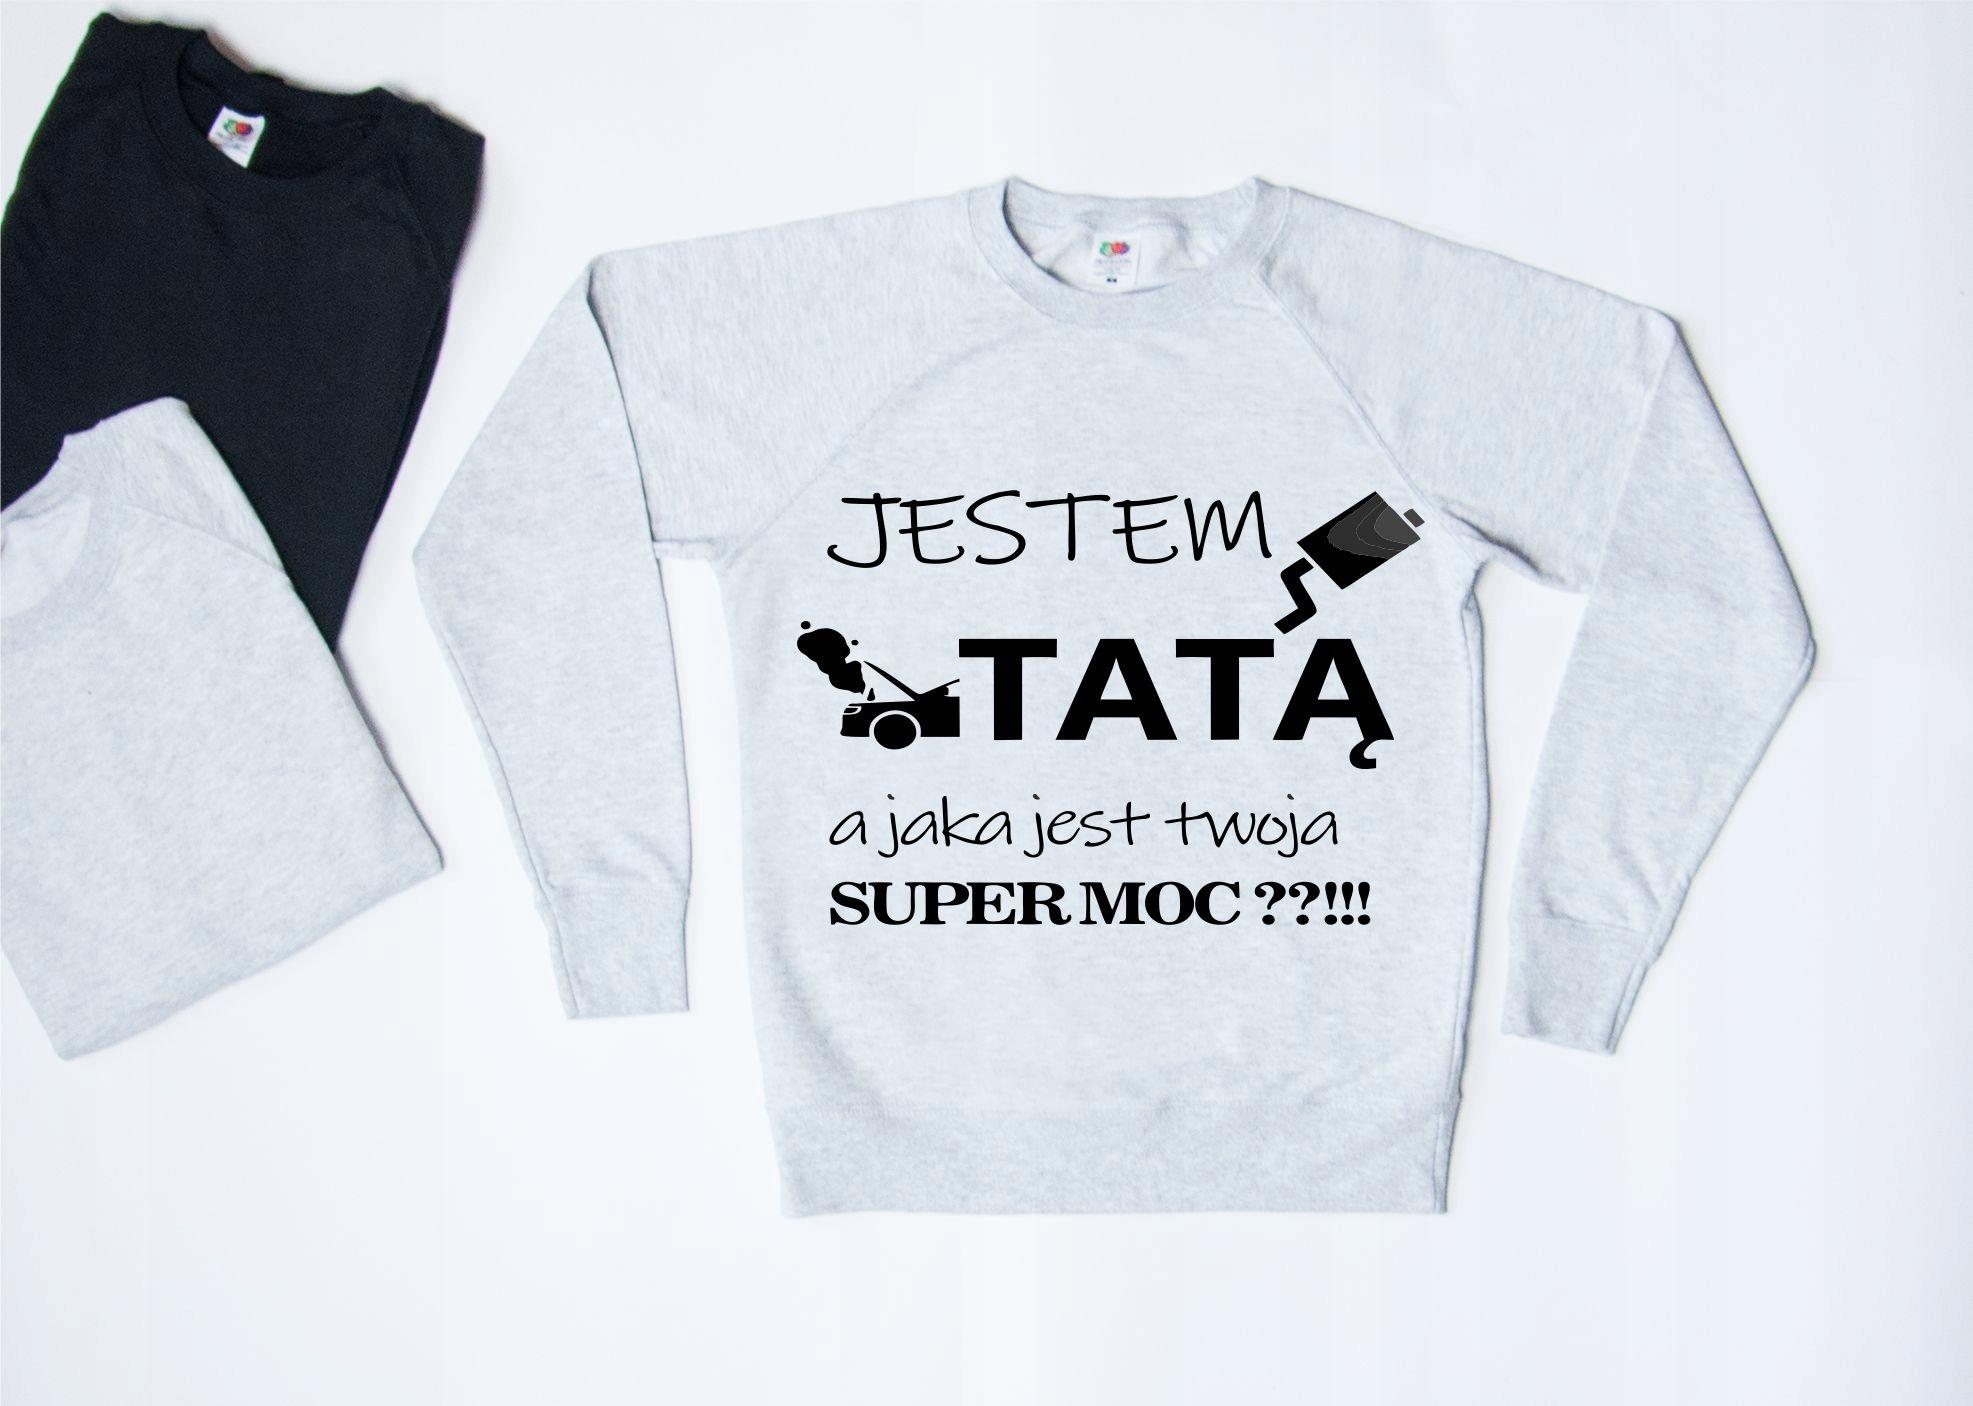 BLUZA MĘSKA TATA I JEGO SUPER MOC S,M,L,XL,XXL